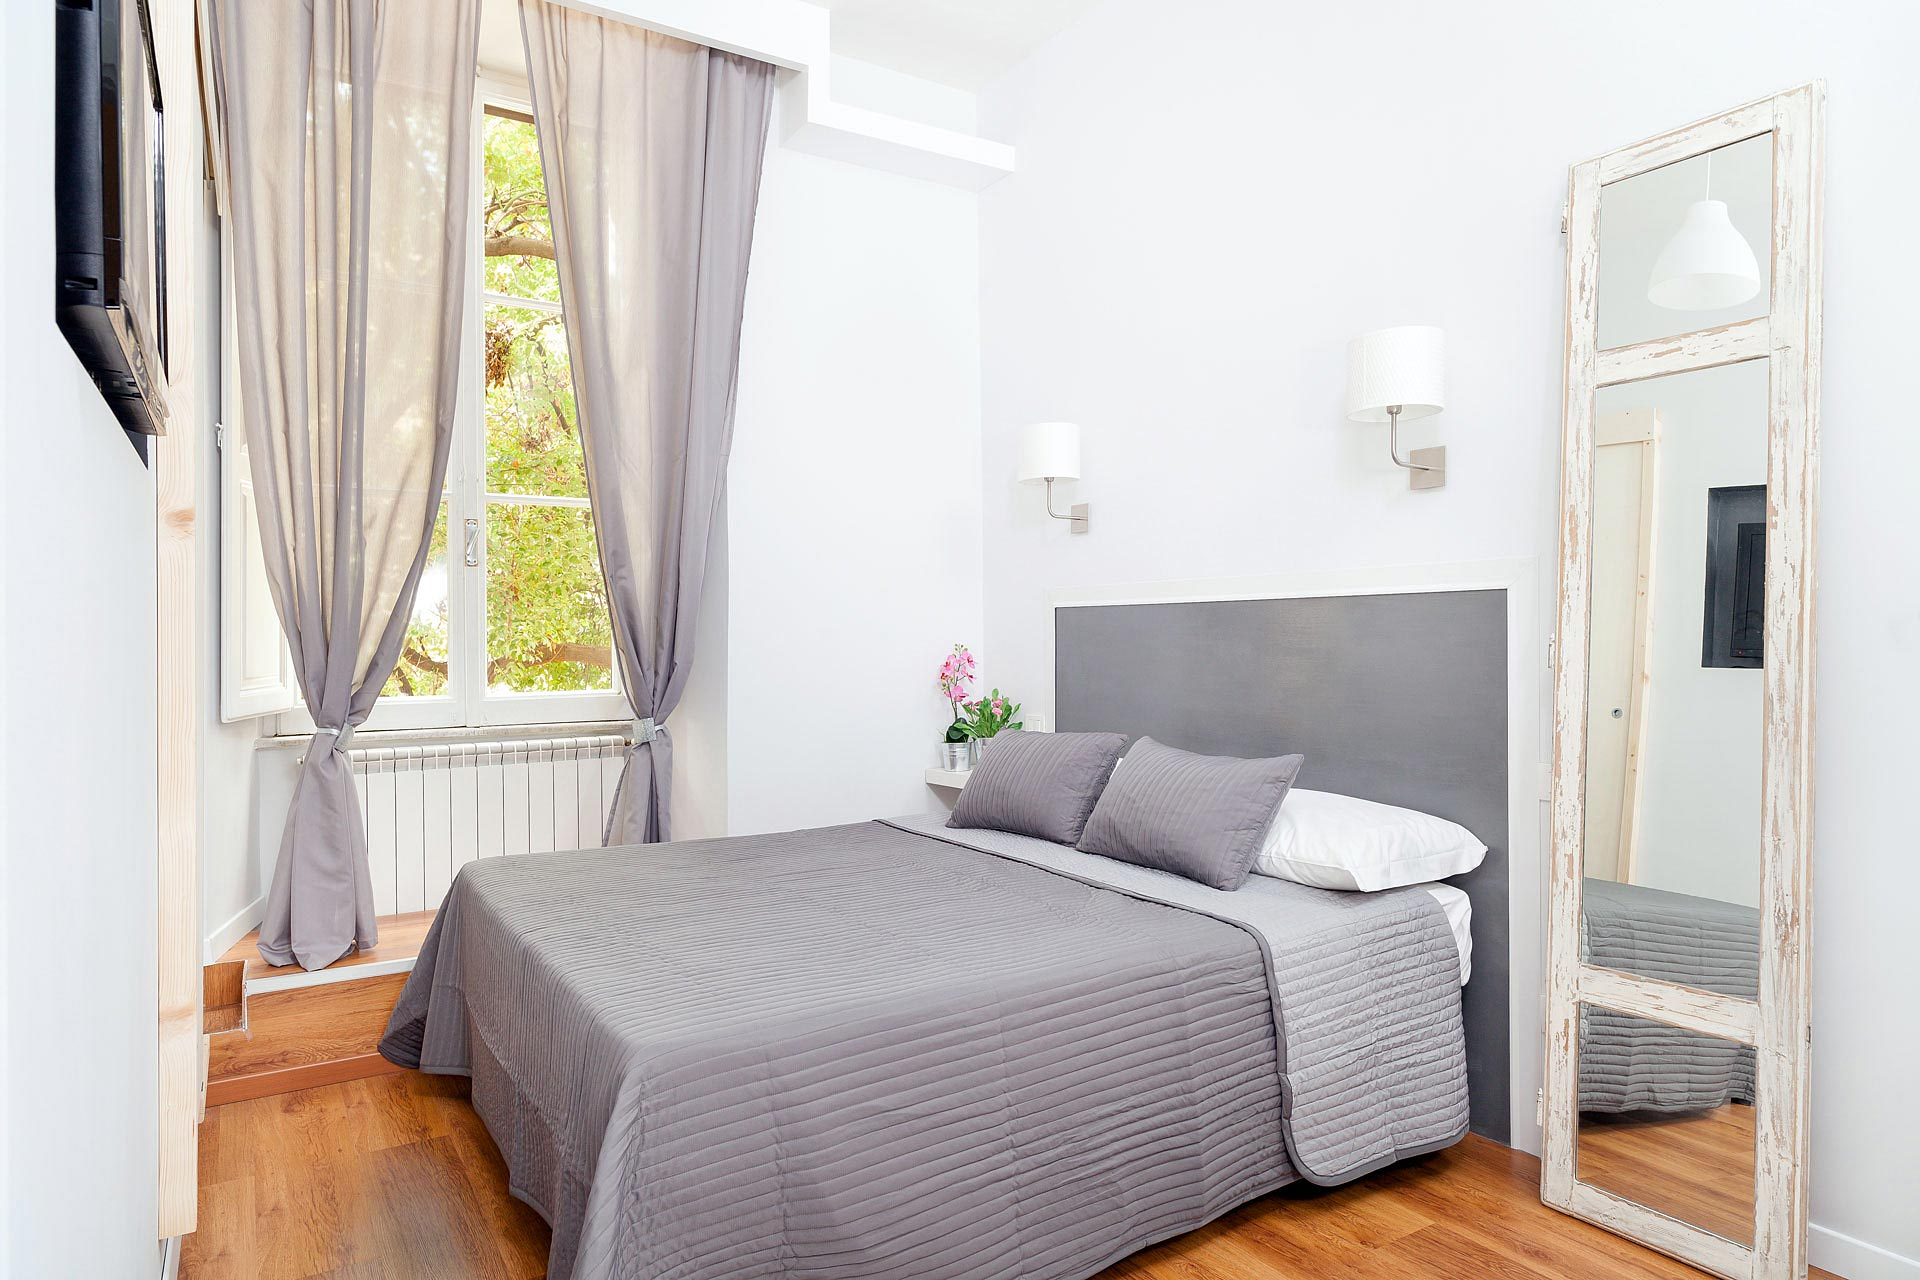 foto-bed-and-breakfast-fotografo-architettura-interni3